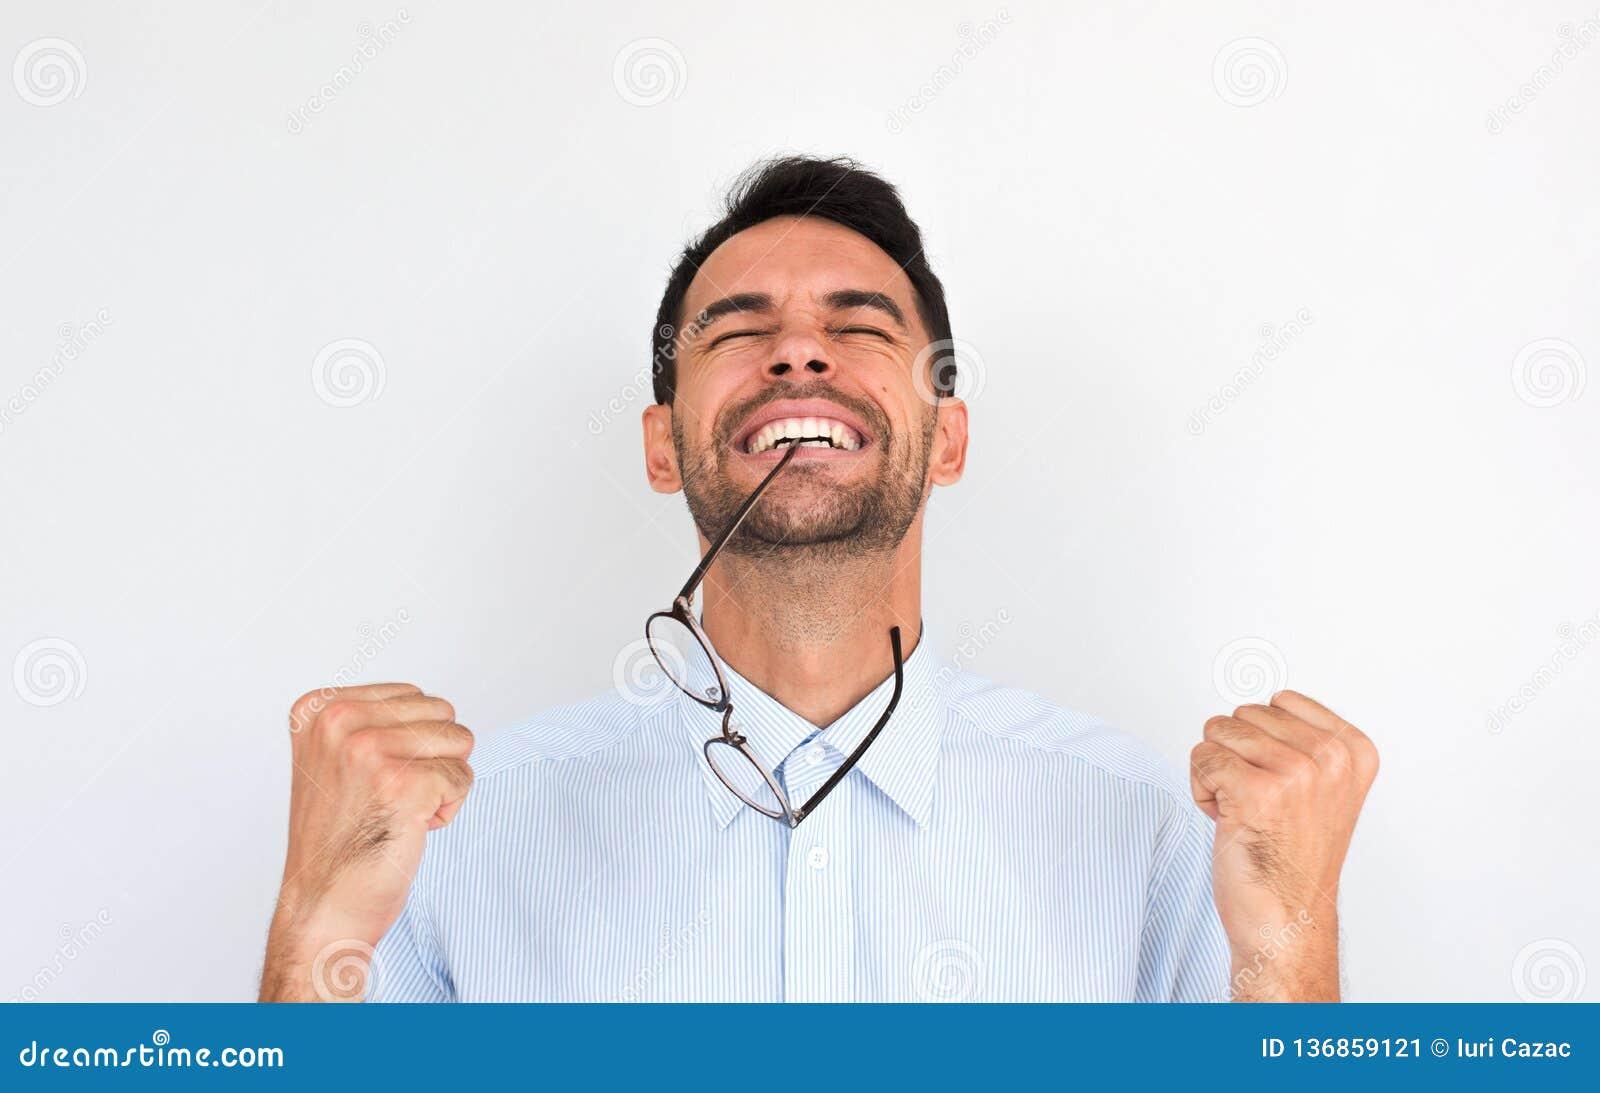 El retrato de Horziontal del varón joven del ganador sin afeitar feliz aprieta los puños y celebra su victoria, con las gafas en